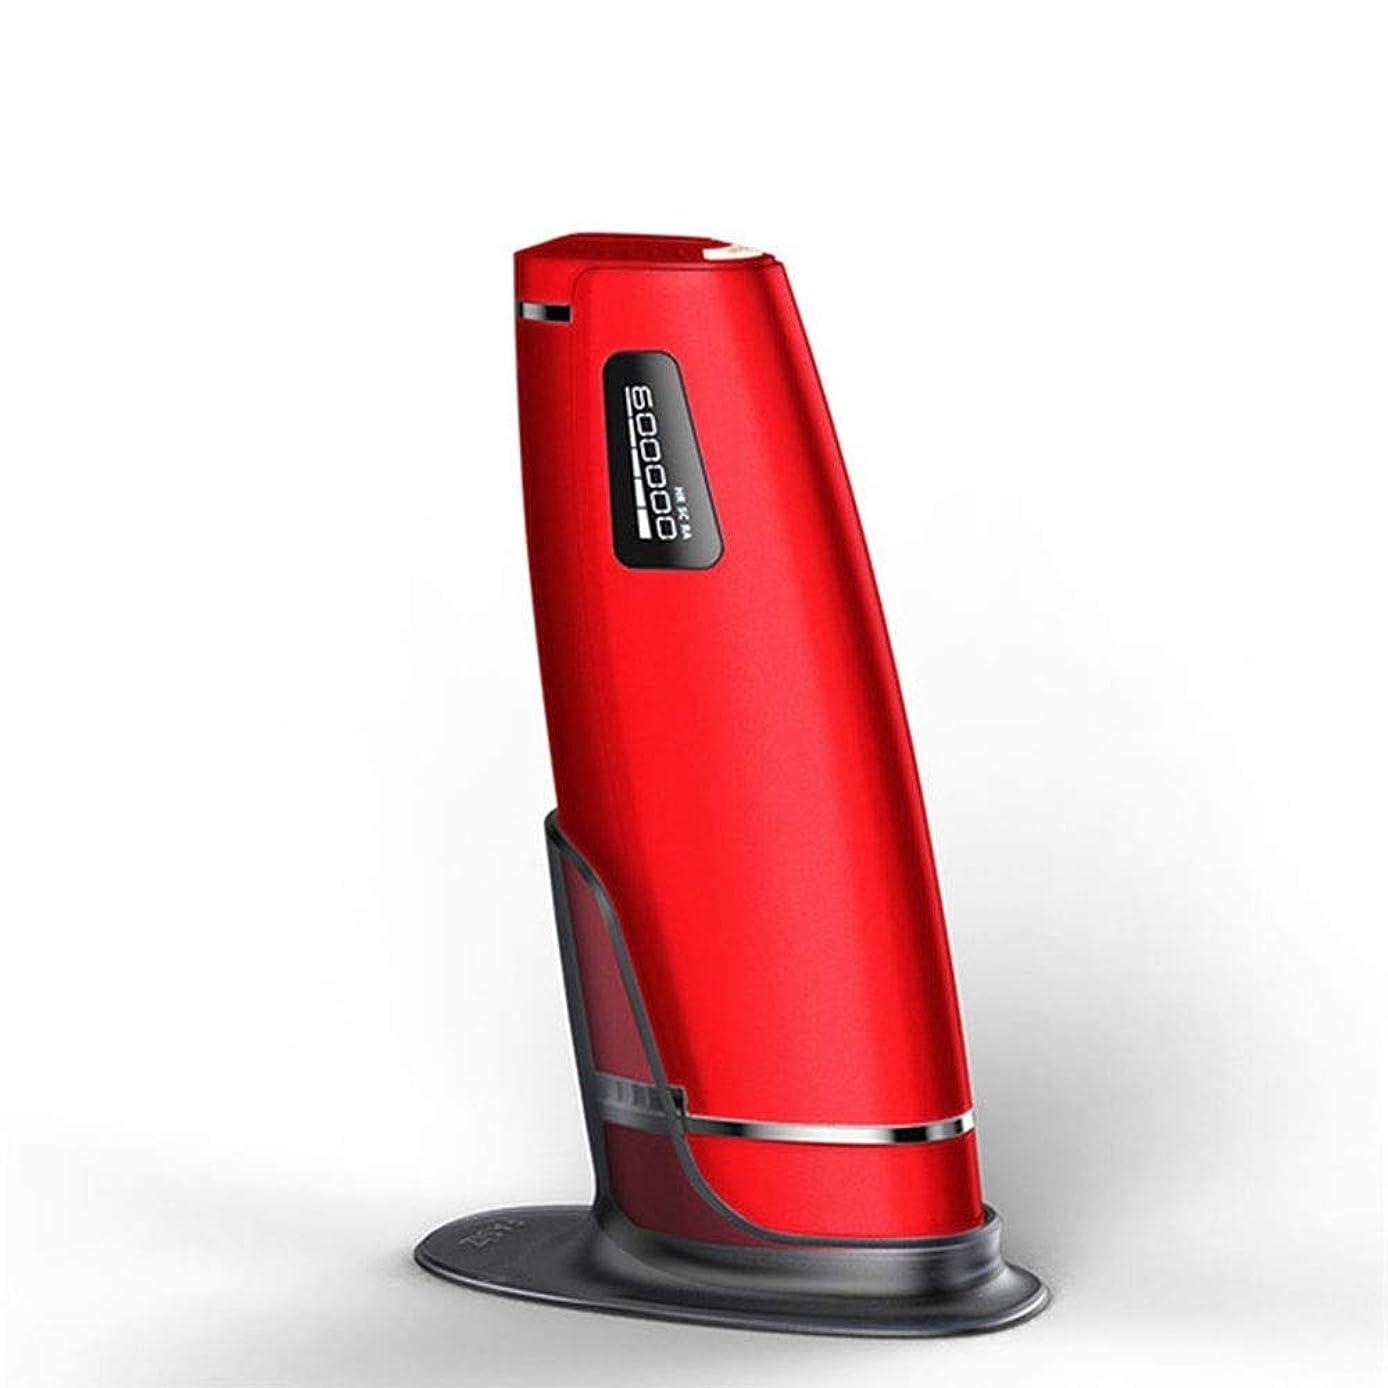 国勢調査実用的感謝赤、デュアルモード、ホームオートマチック無痛脱毛剤、携帯用永久脱毛剤、5スピード調整、サイズ20.5 X 4.5 X 7 Cm 安全性 (Color : Red)